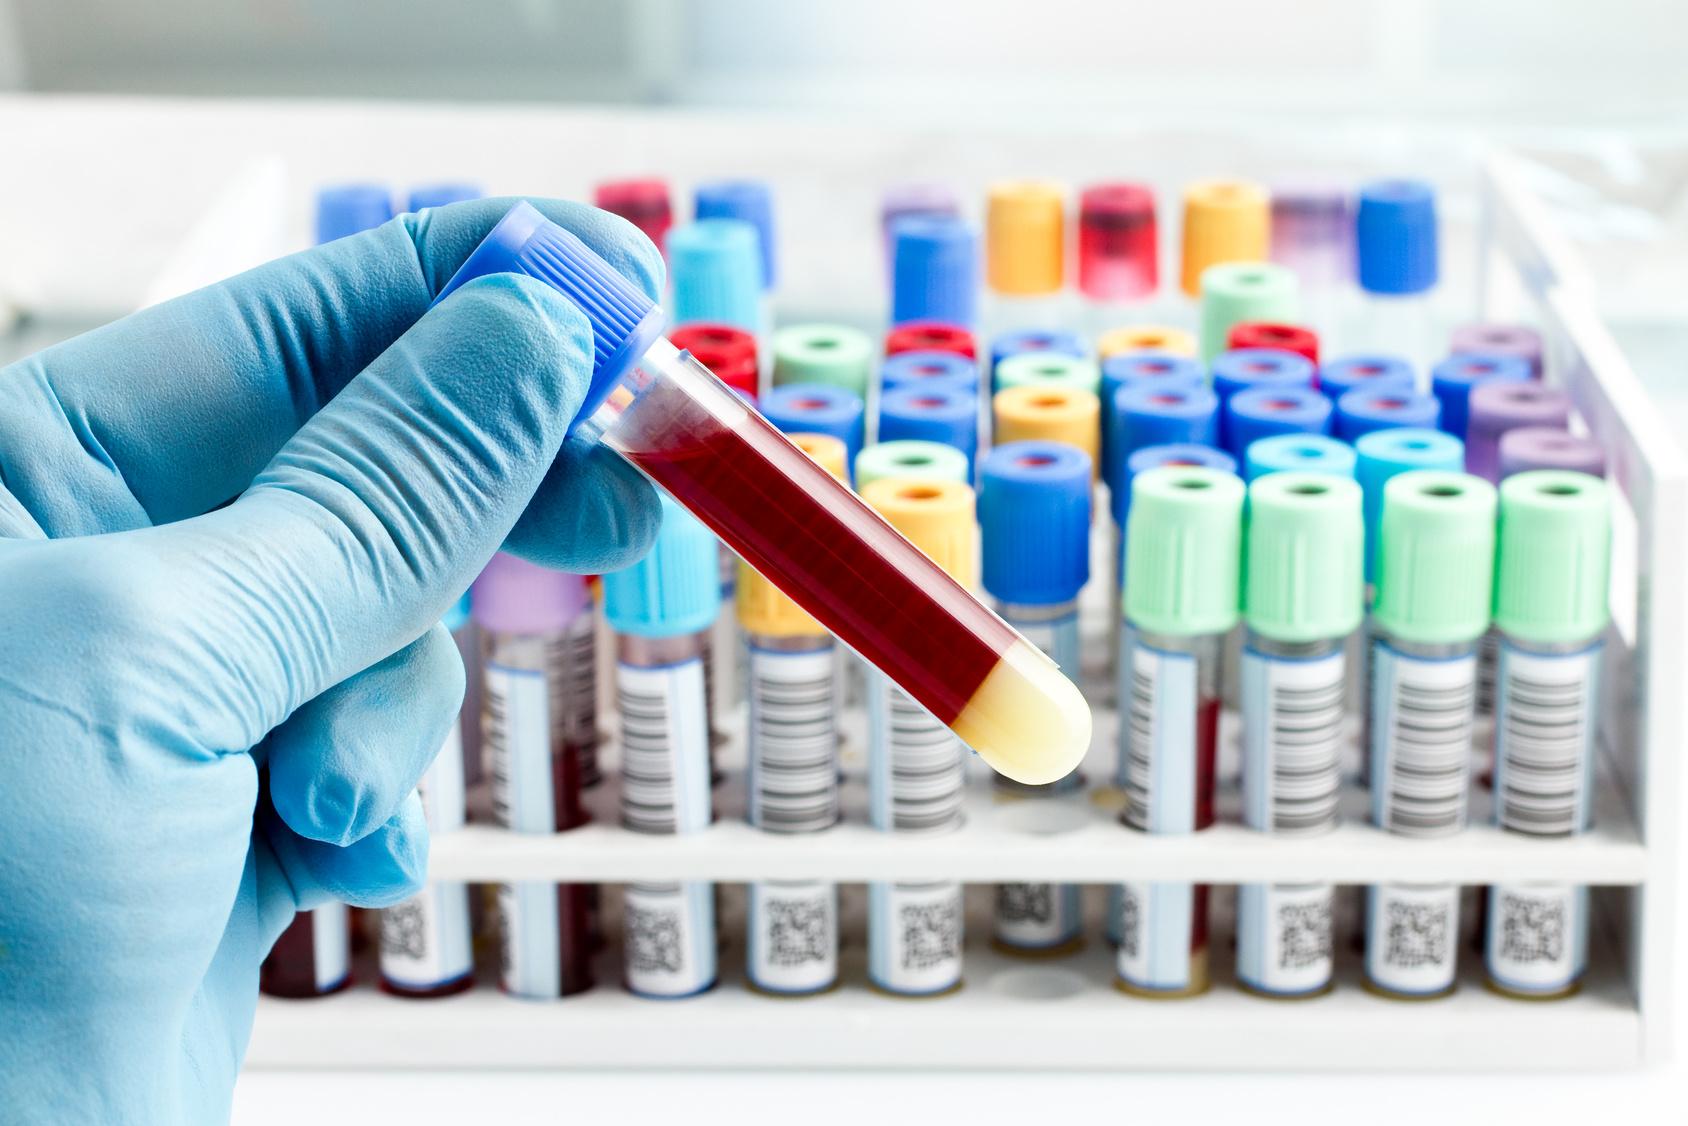 Blutprobe im Reagenzglas